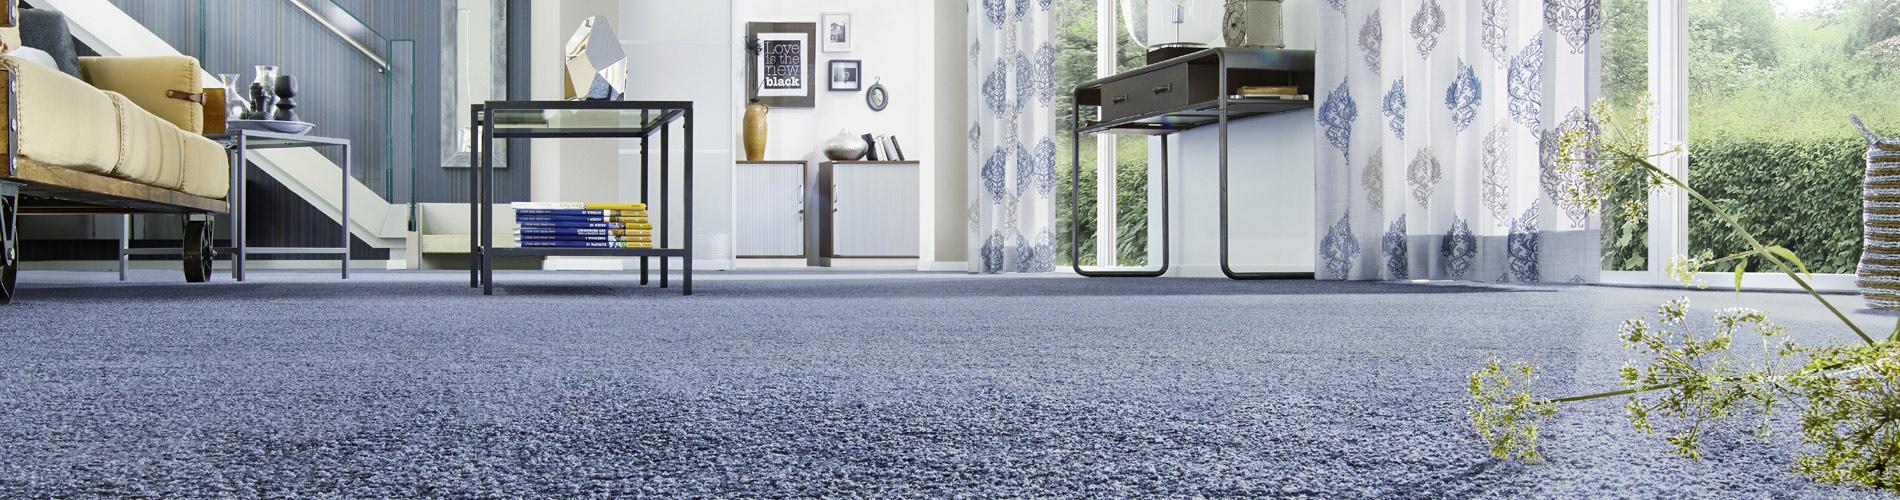 Glasow Bodenbeläge Nordkirchen - Teppichböden